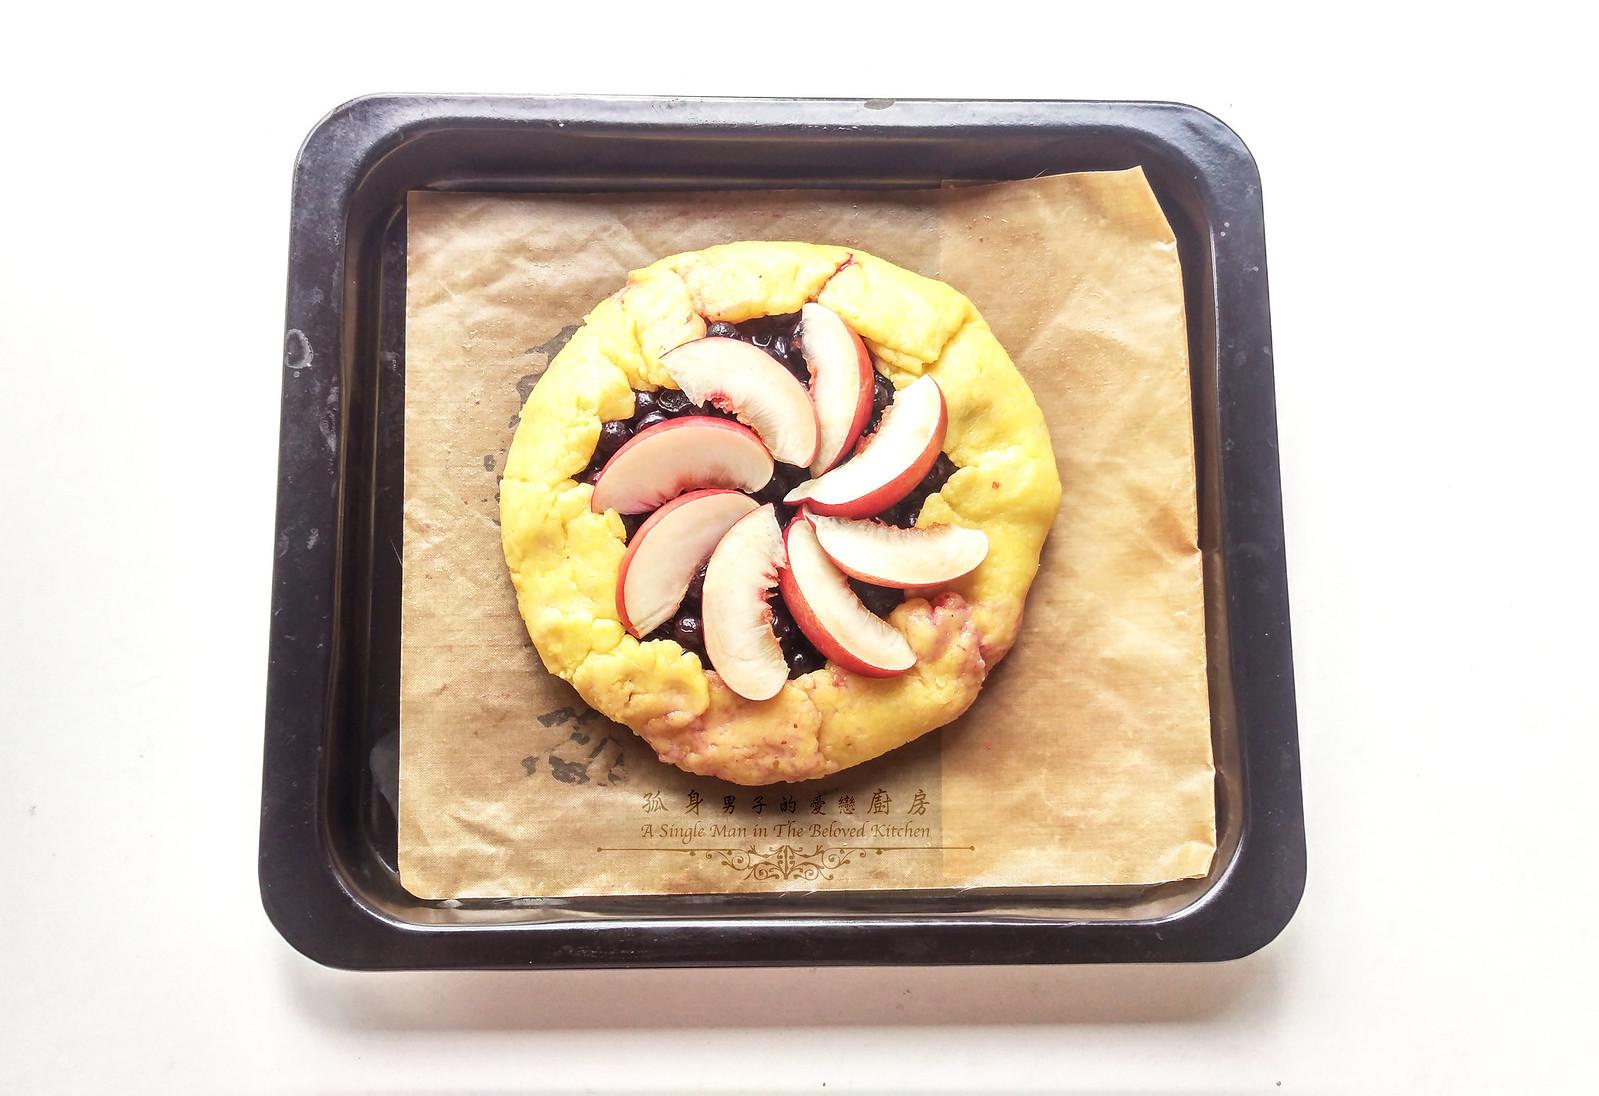 孤身廚房-藍莓甜桃法式烘餅Blueberry-Nectarin Galette20